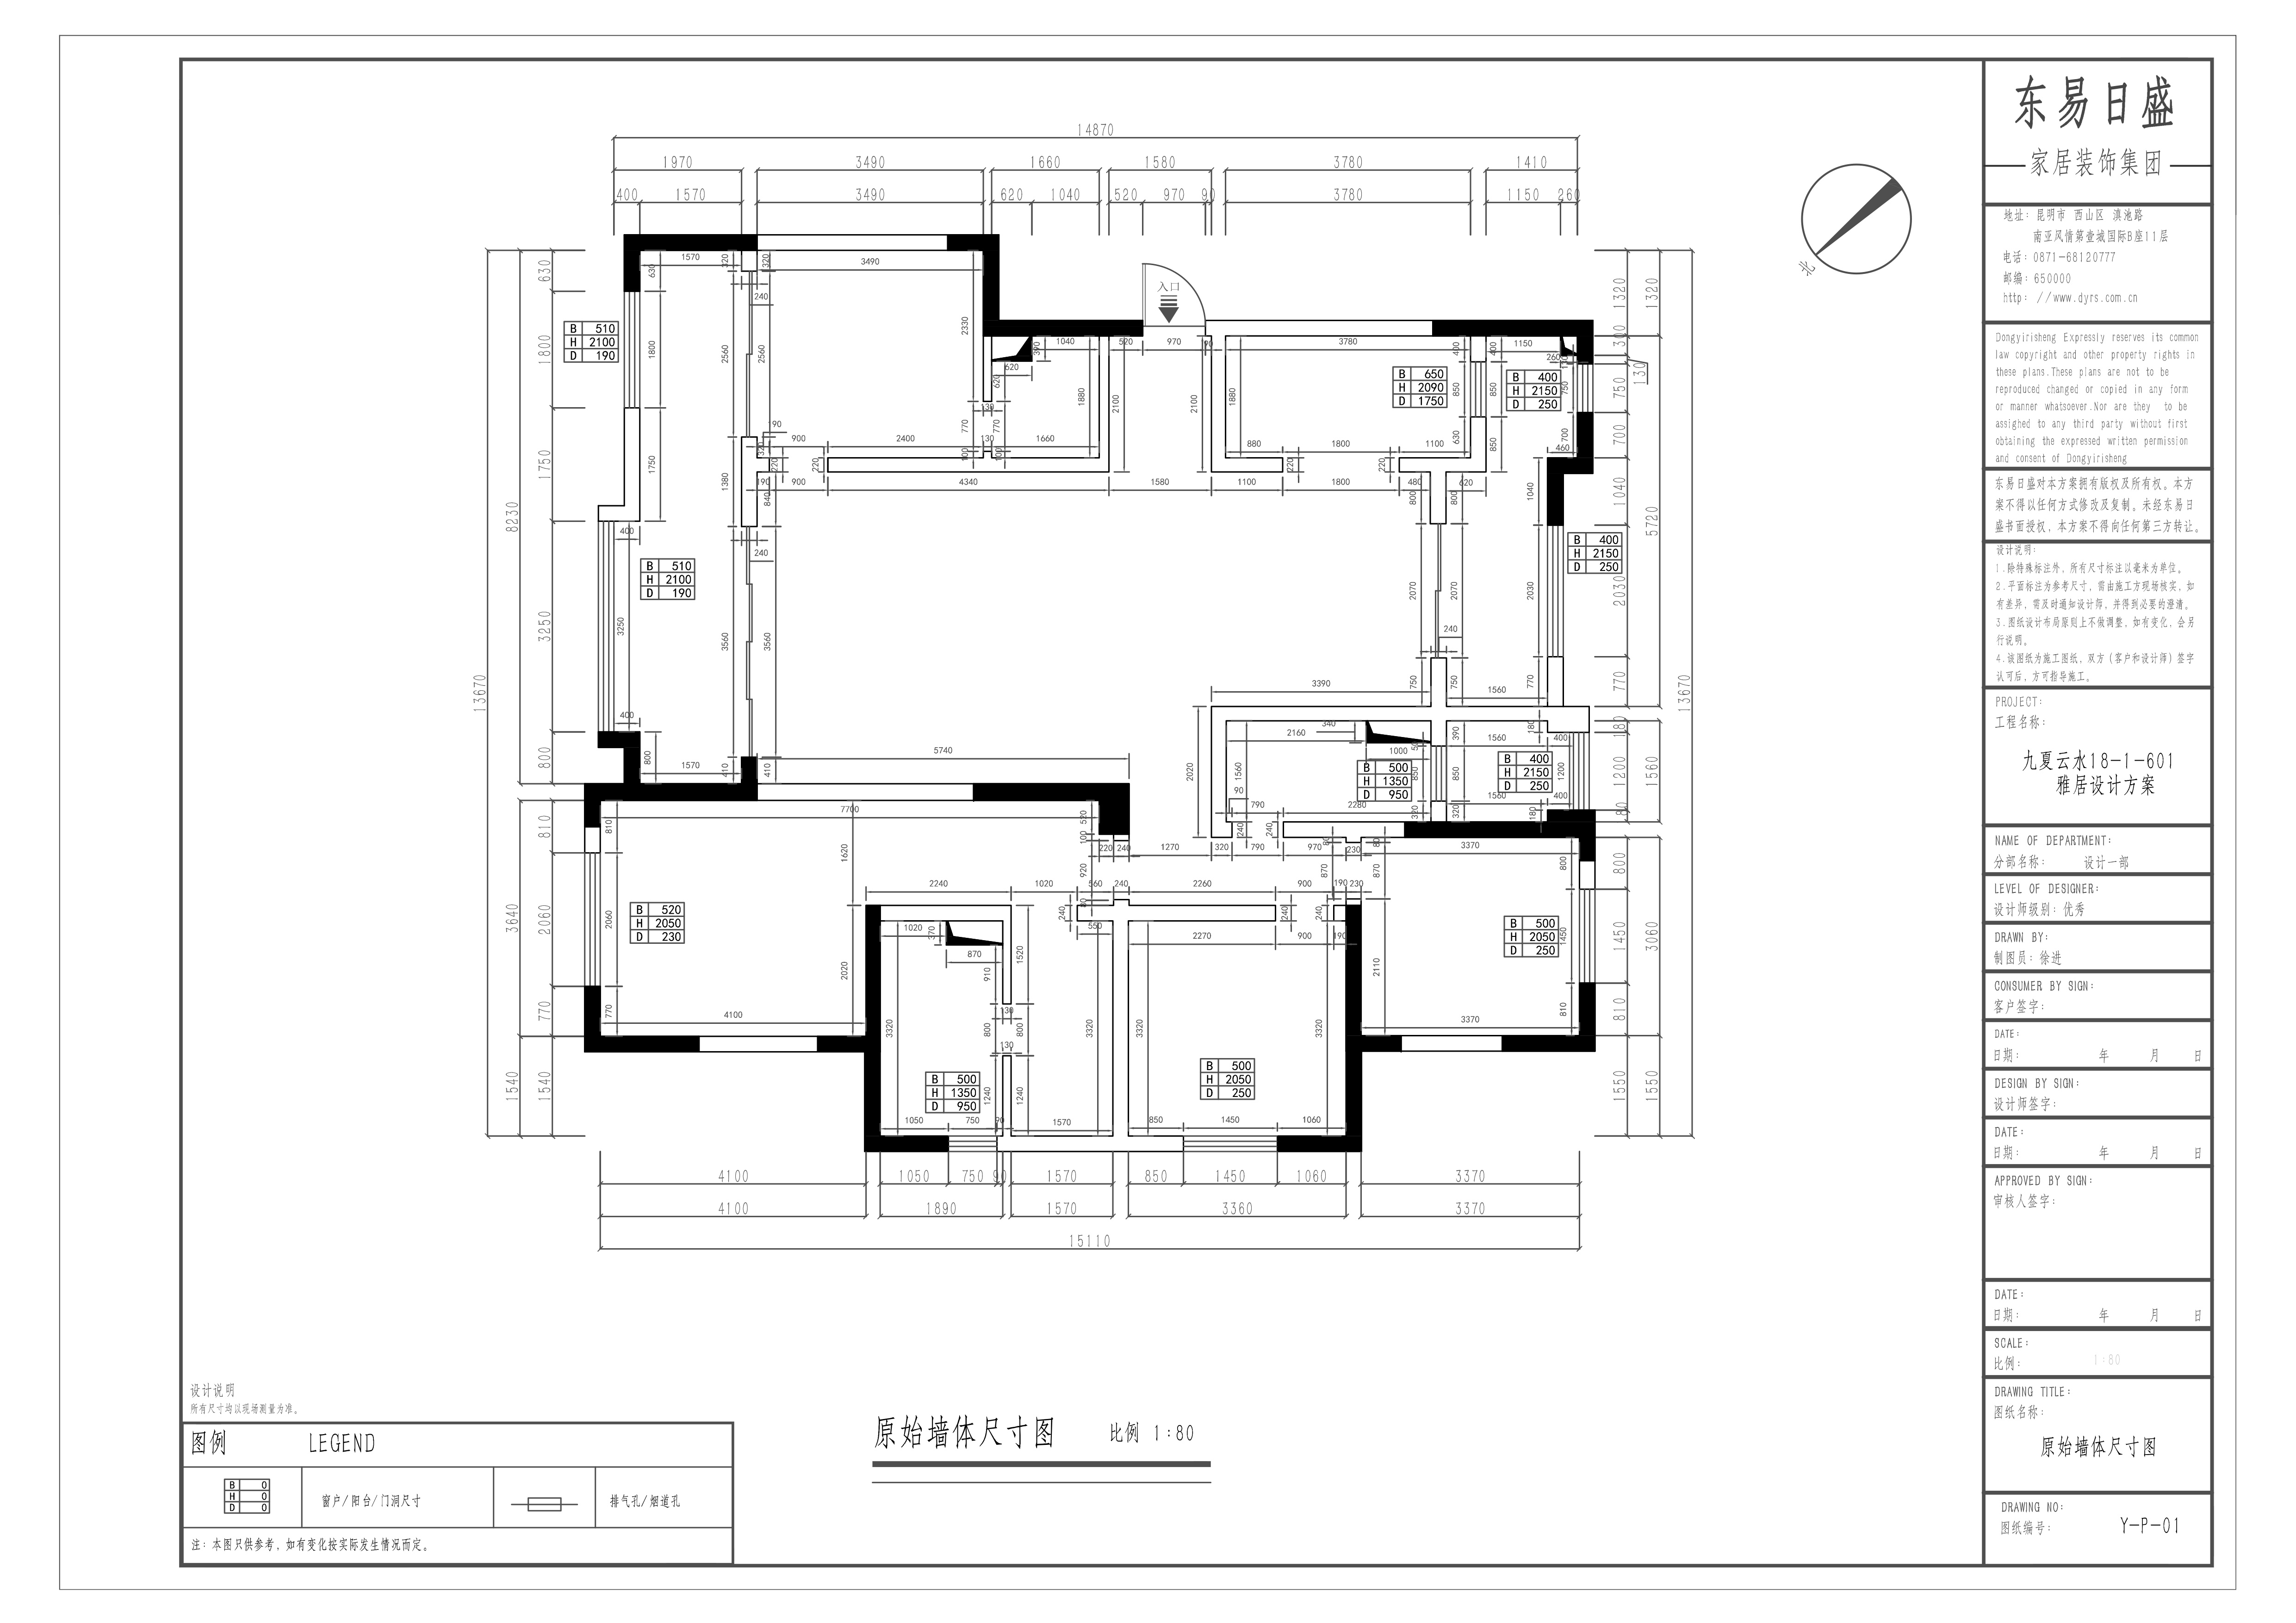 昆明九夏云水180㎡四室两厅一厨两卫现代极简装修风格效果图装修设计理念